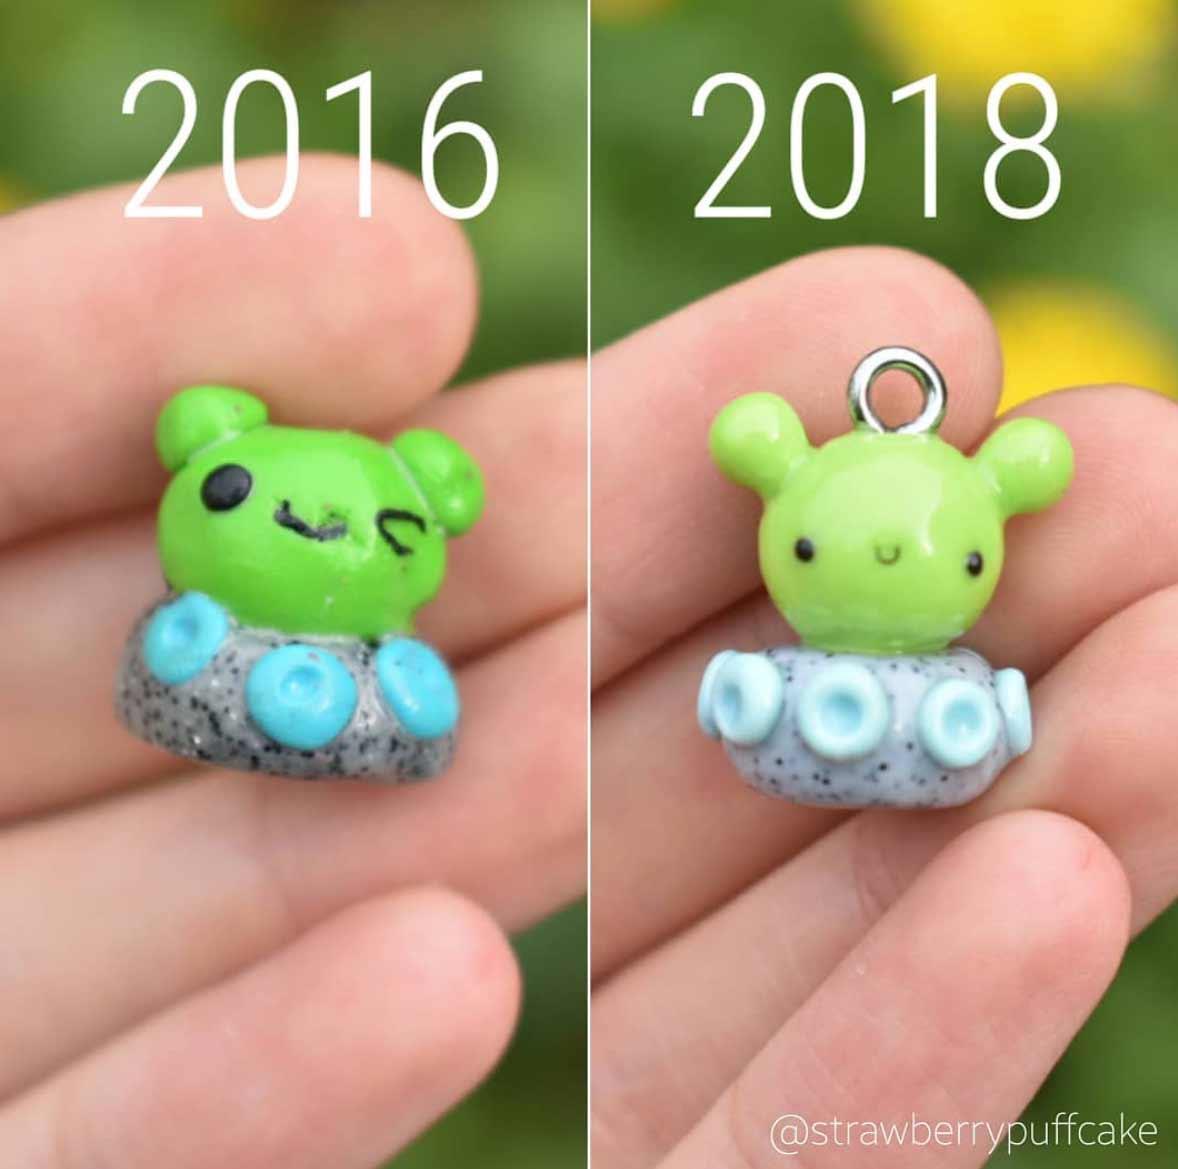 Die Evolution der Miniatur-Skulpturen von ZoZo ZoZO-strawberrypuffcake_09